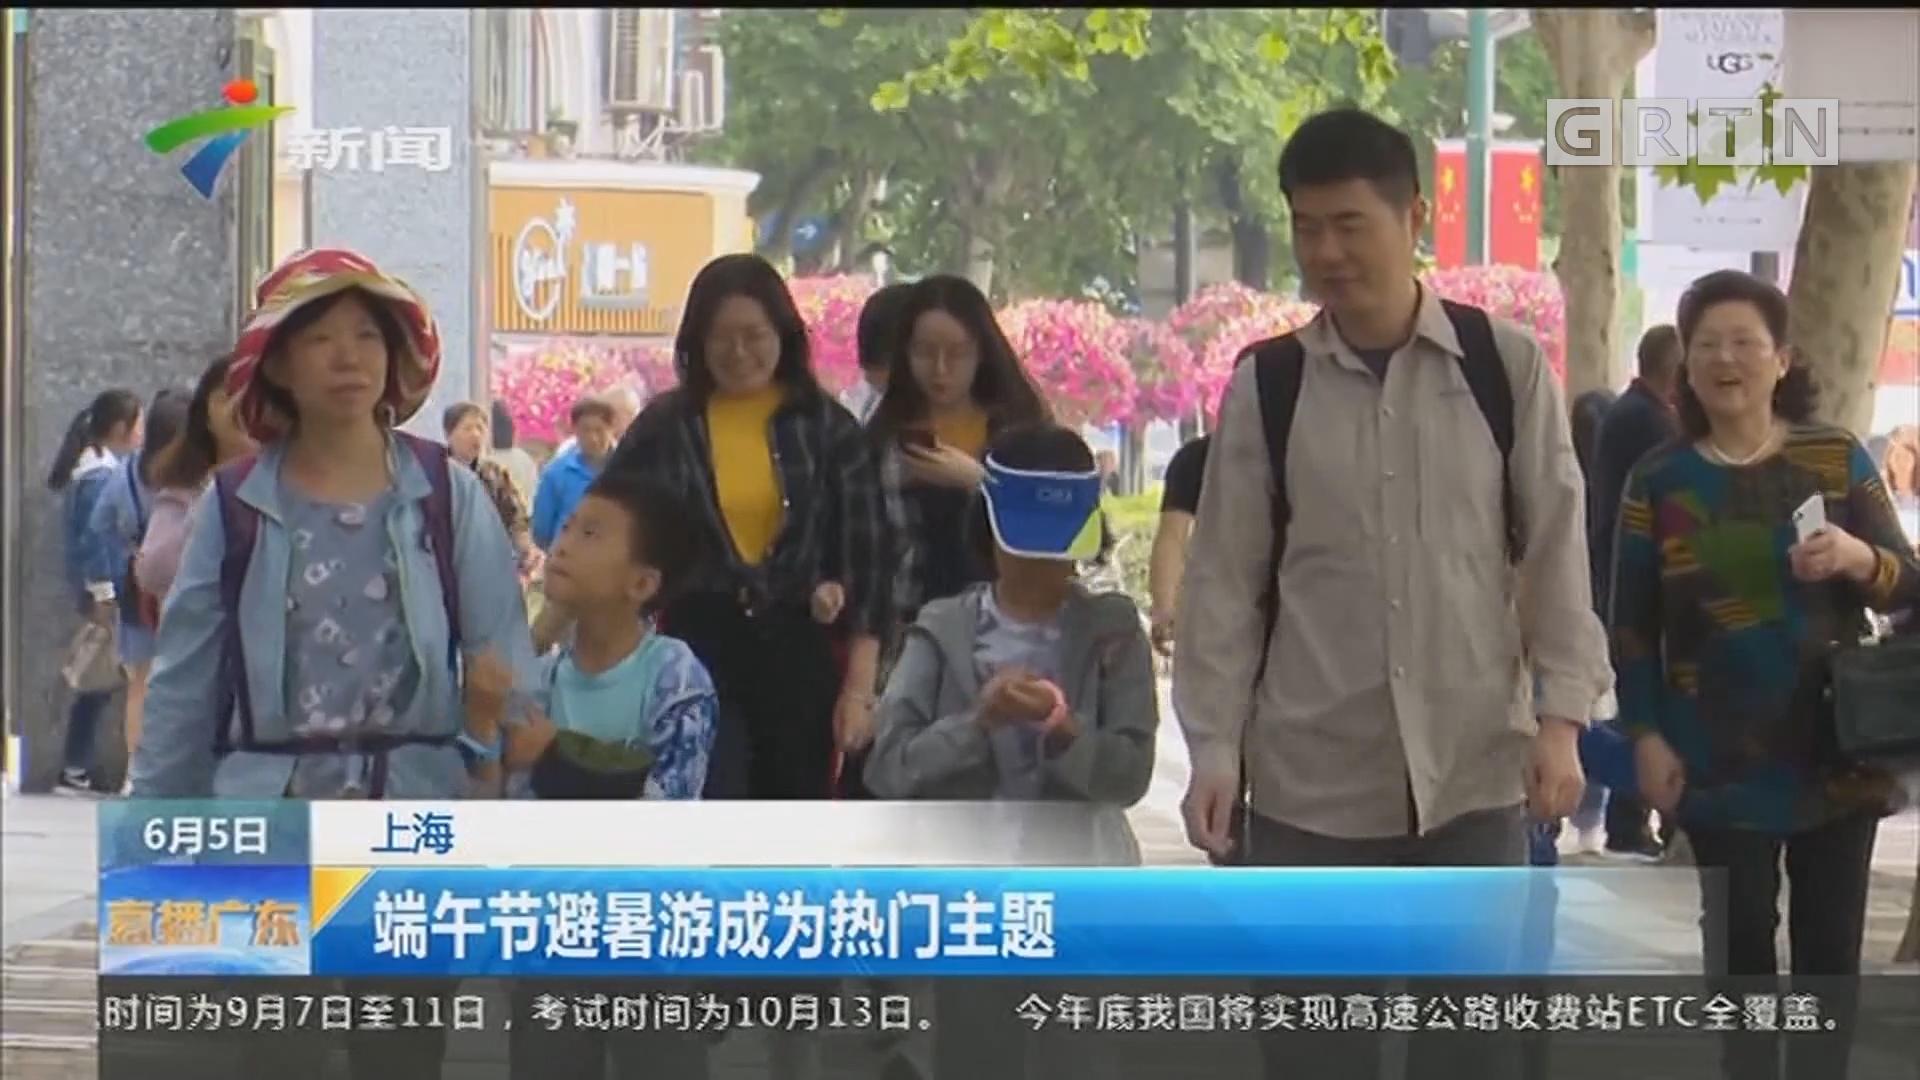 上海:端午节避暑游成为热门主题